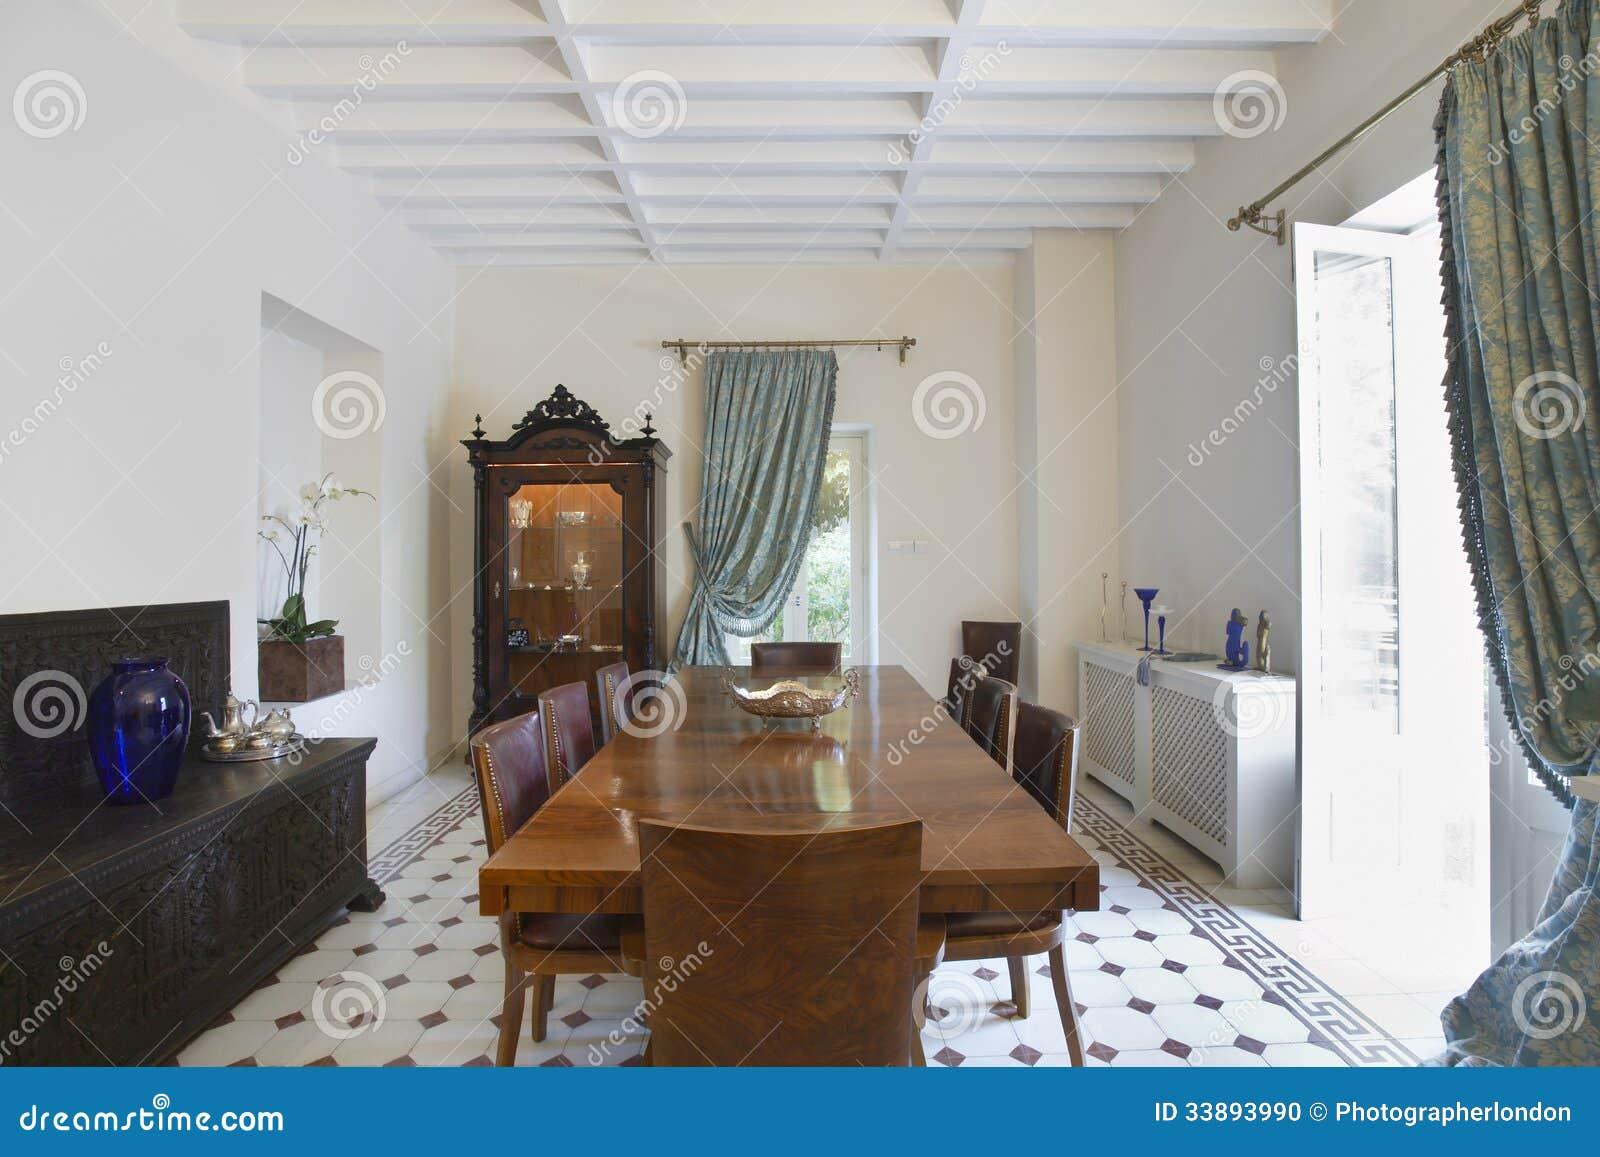 Esszimmer Des Kolonialstil Hauses Stockfoto Bild Von Inside Mobel